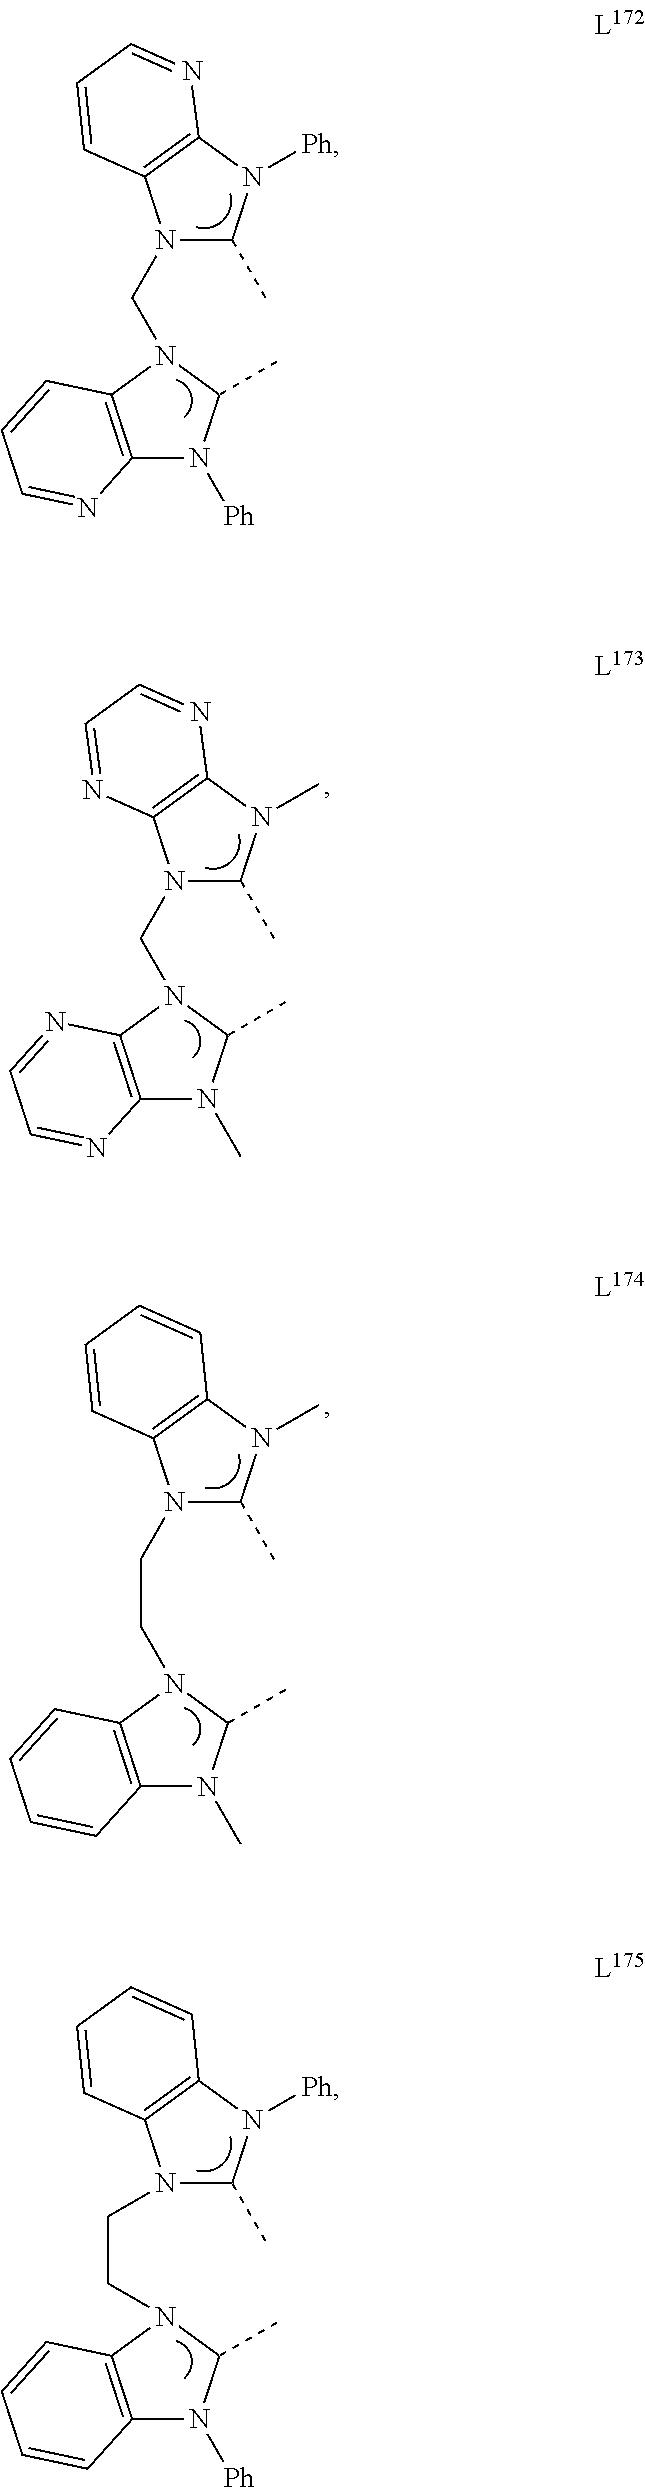 Figure US09306179-20160405-C00020